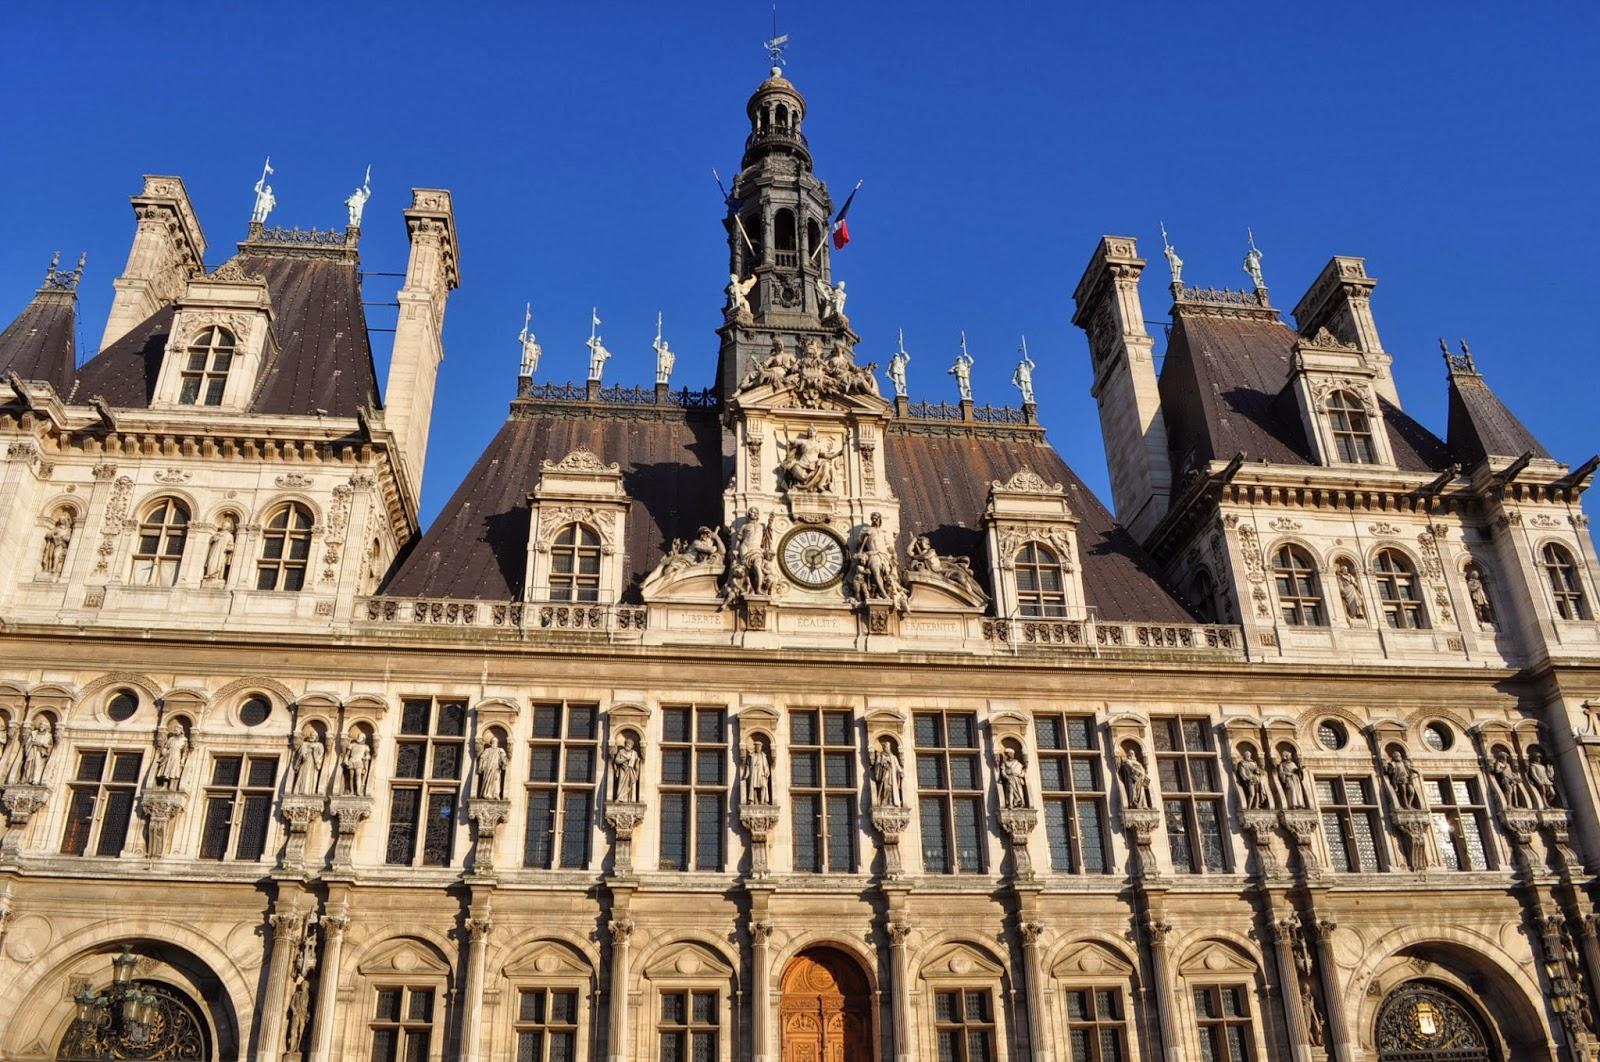 Кметството - една от най-красивите сгради в Париж.